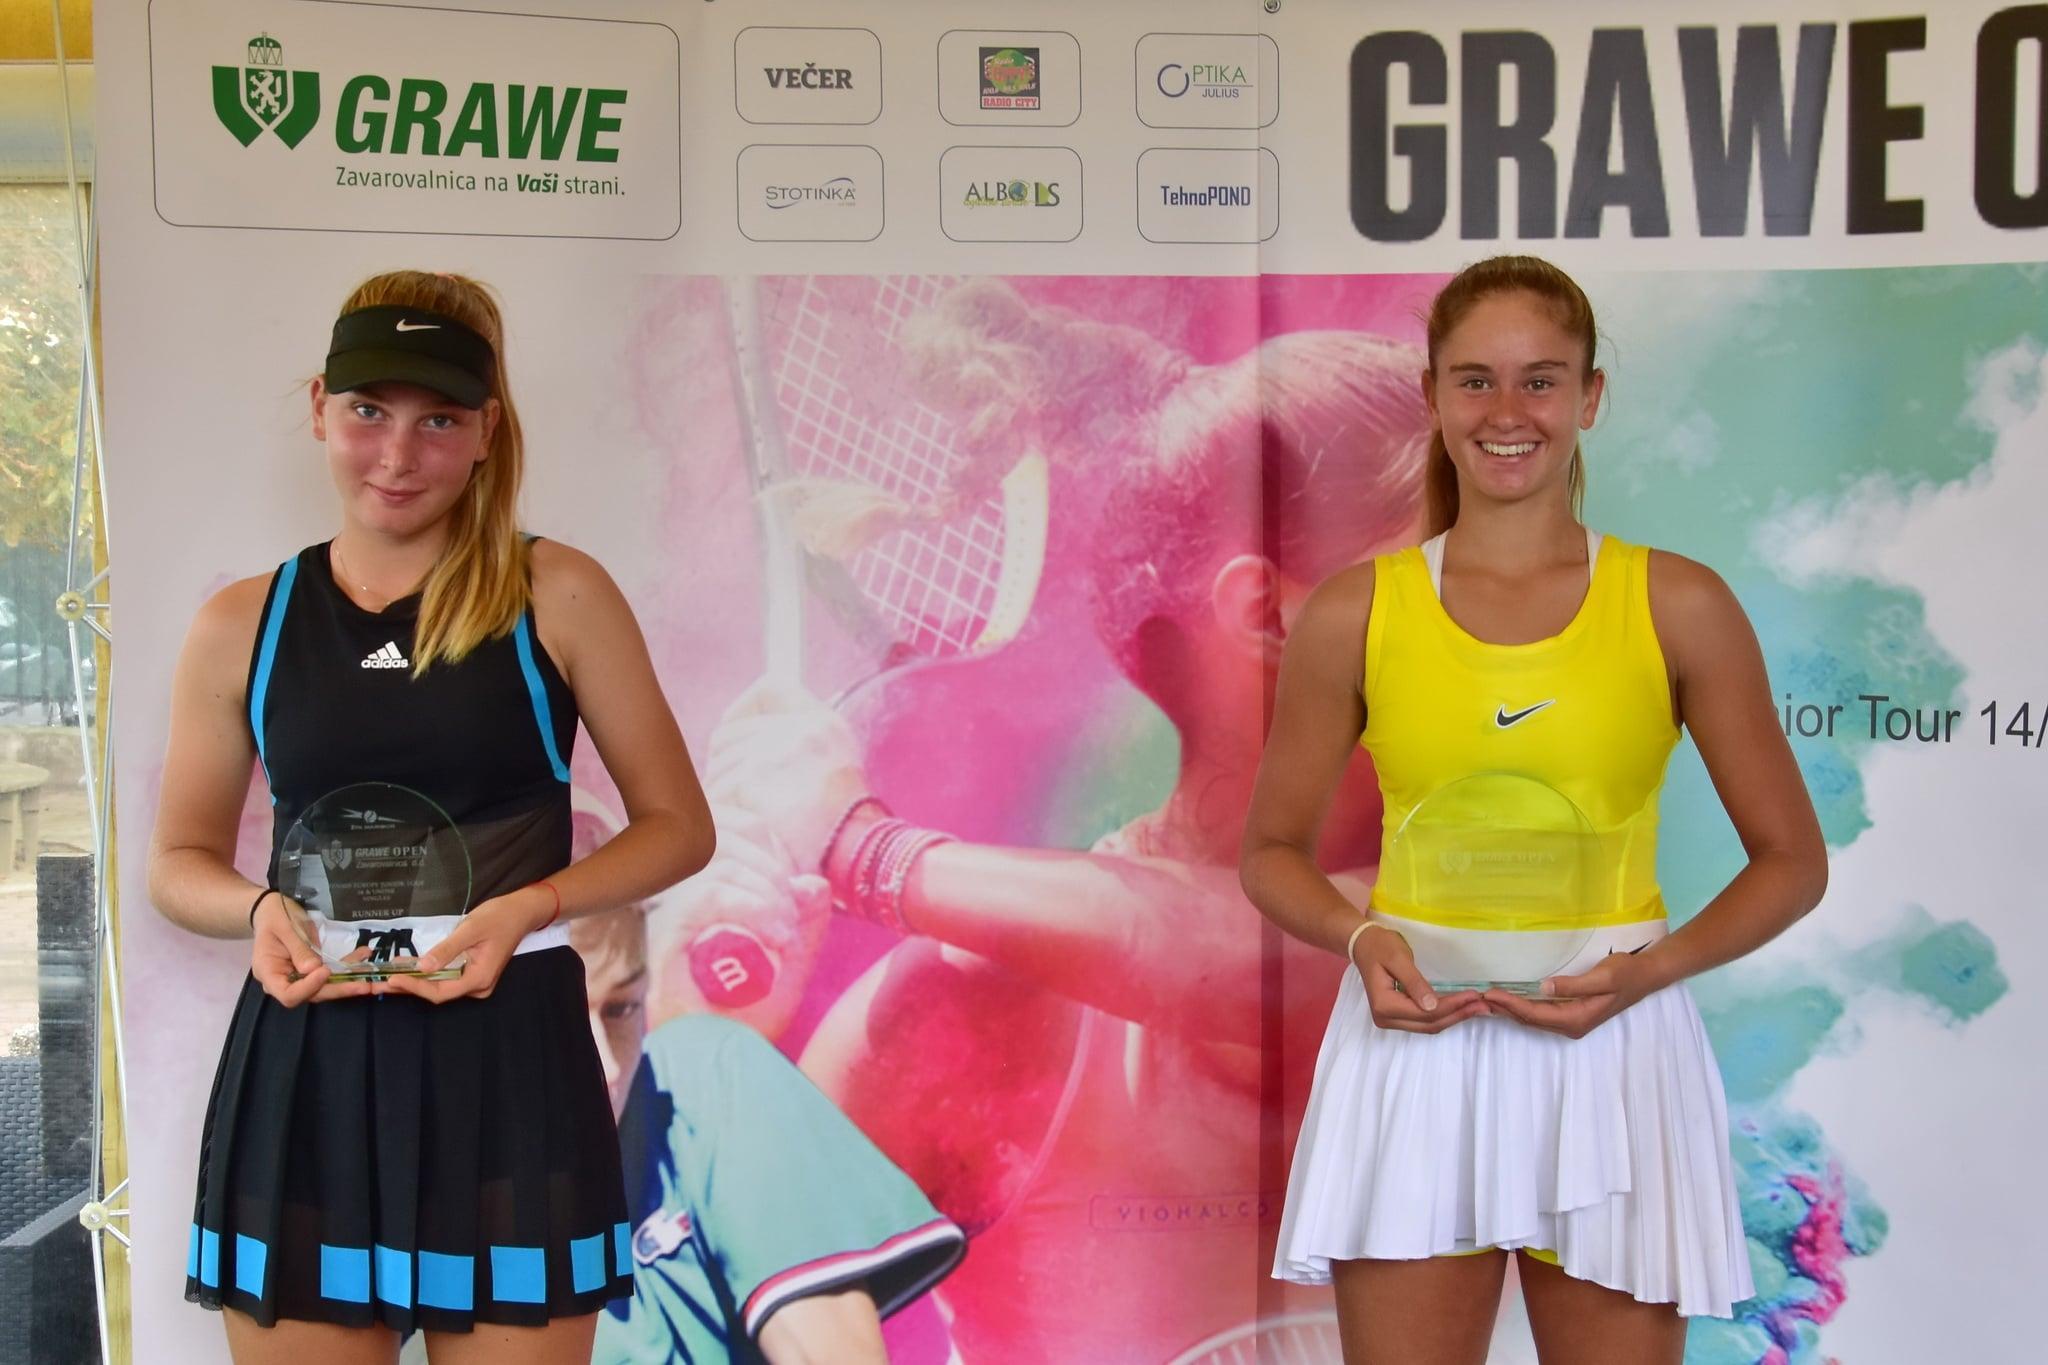 119825129 3491314030919781 5322208000919177181 o - Tennis Europe: Drametova šampionka turnirja Grawe, Premzl že z naslovom v žepu, v soboto gre po novega (VIDEO)